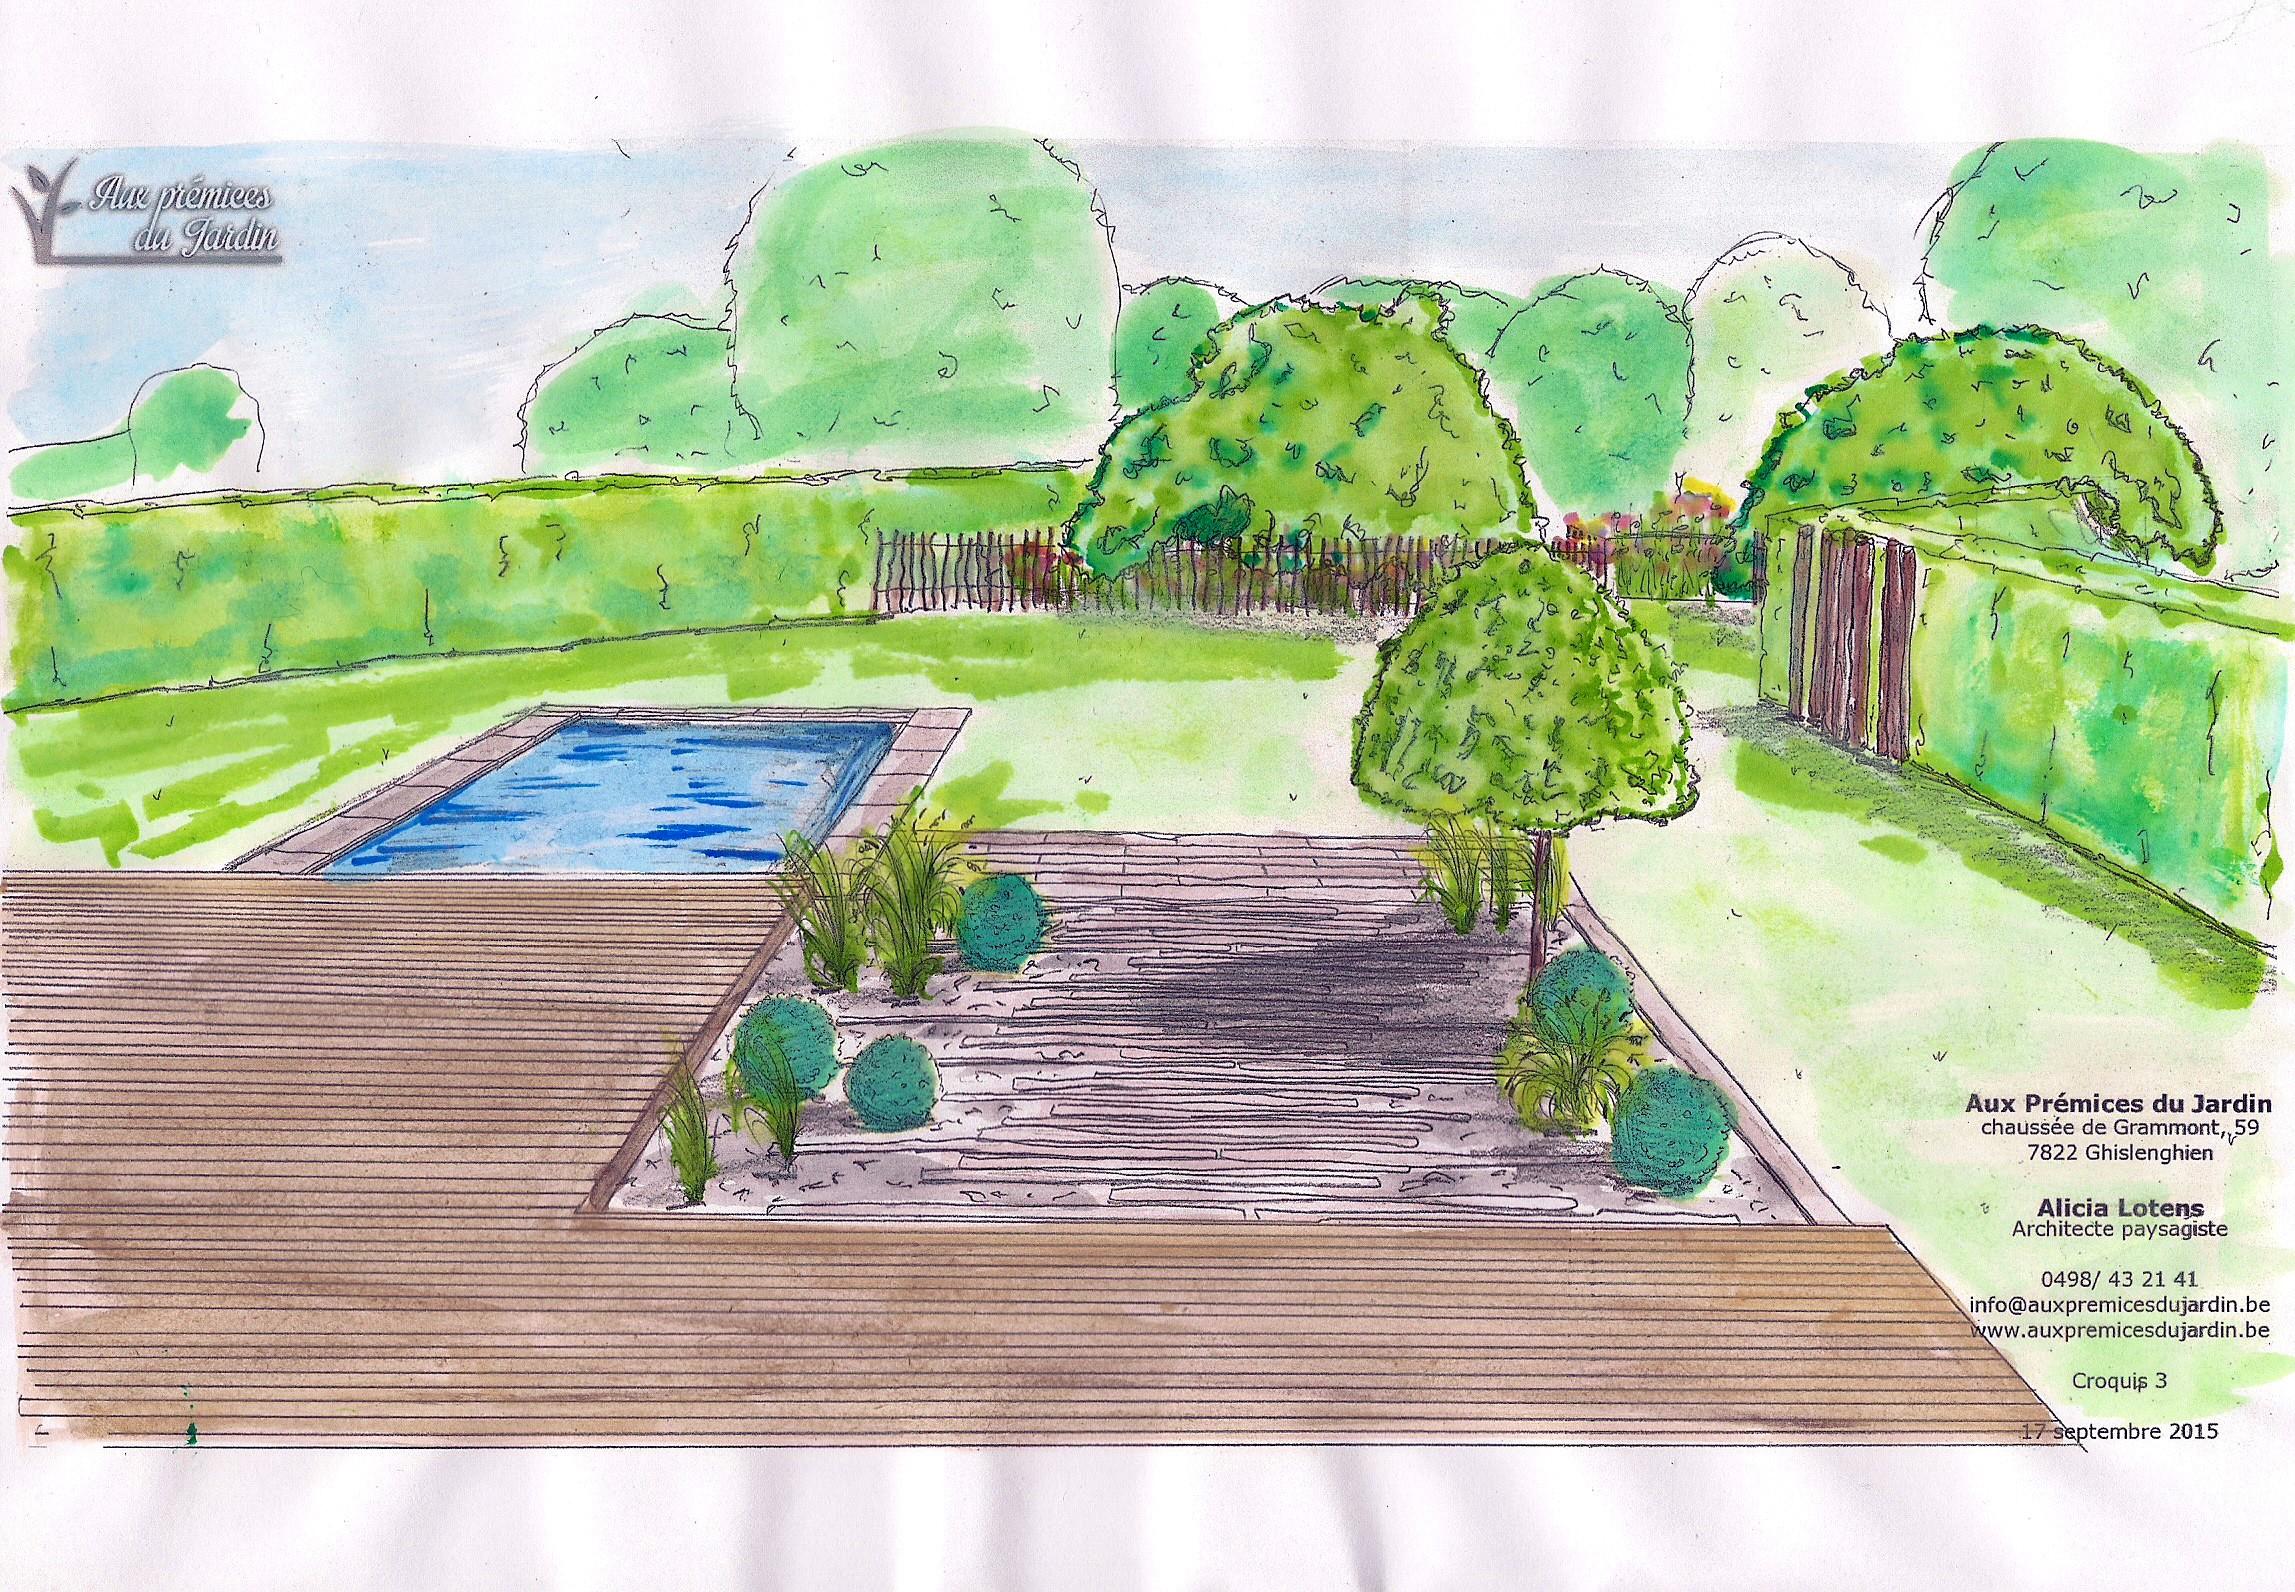 Aux pr mices du jardin architecte paysagiste for Auto entrepreneur entretien de jardin